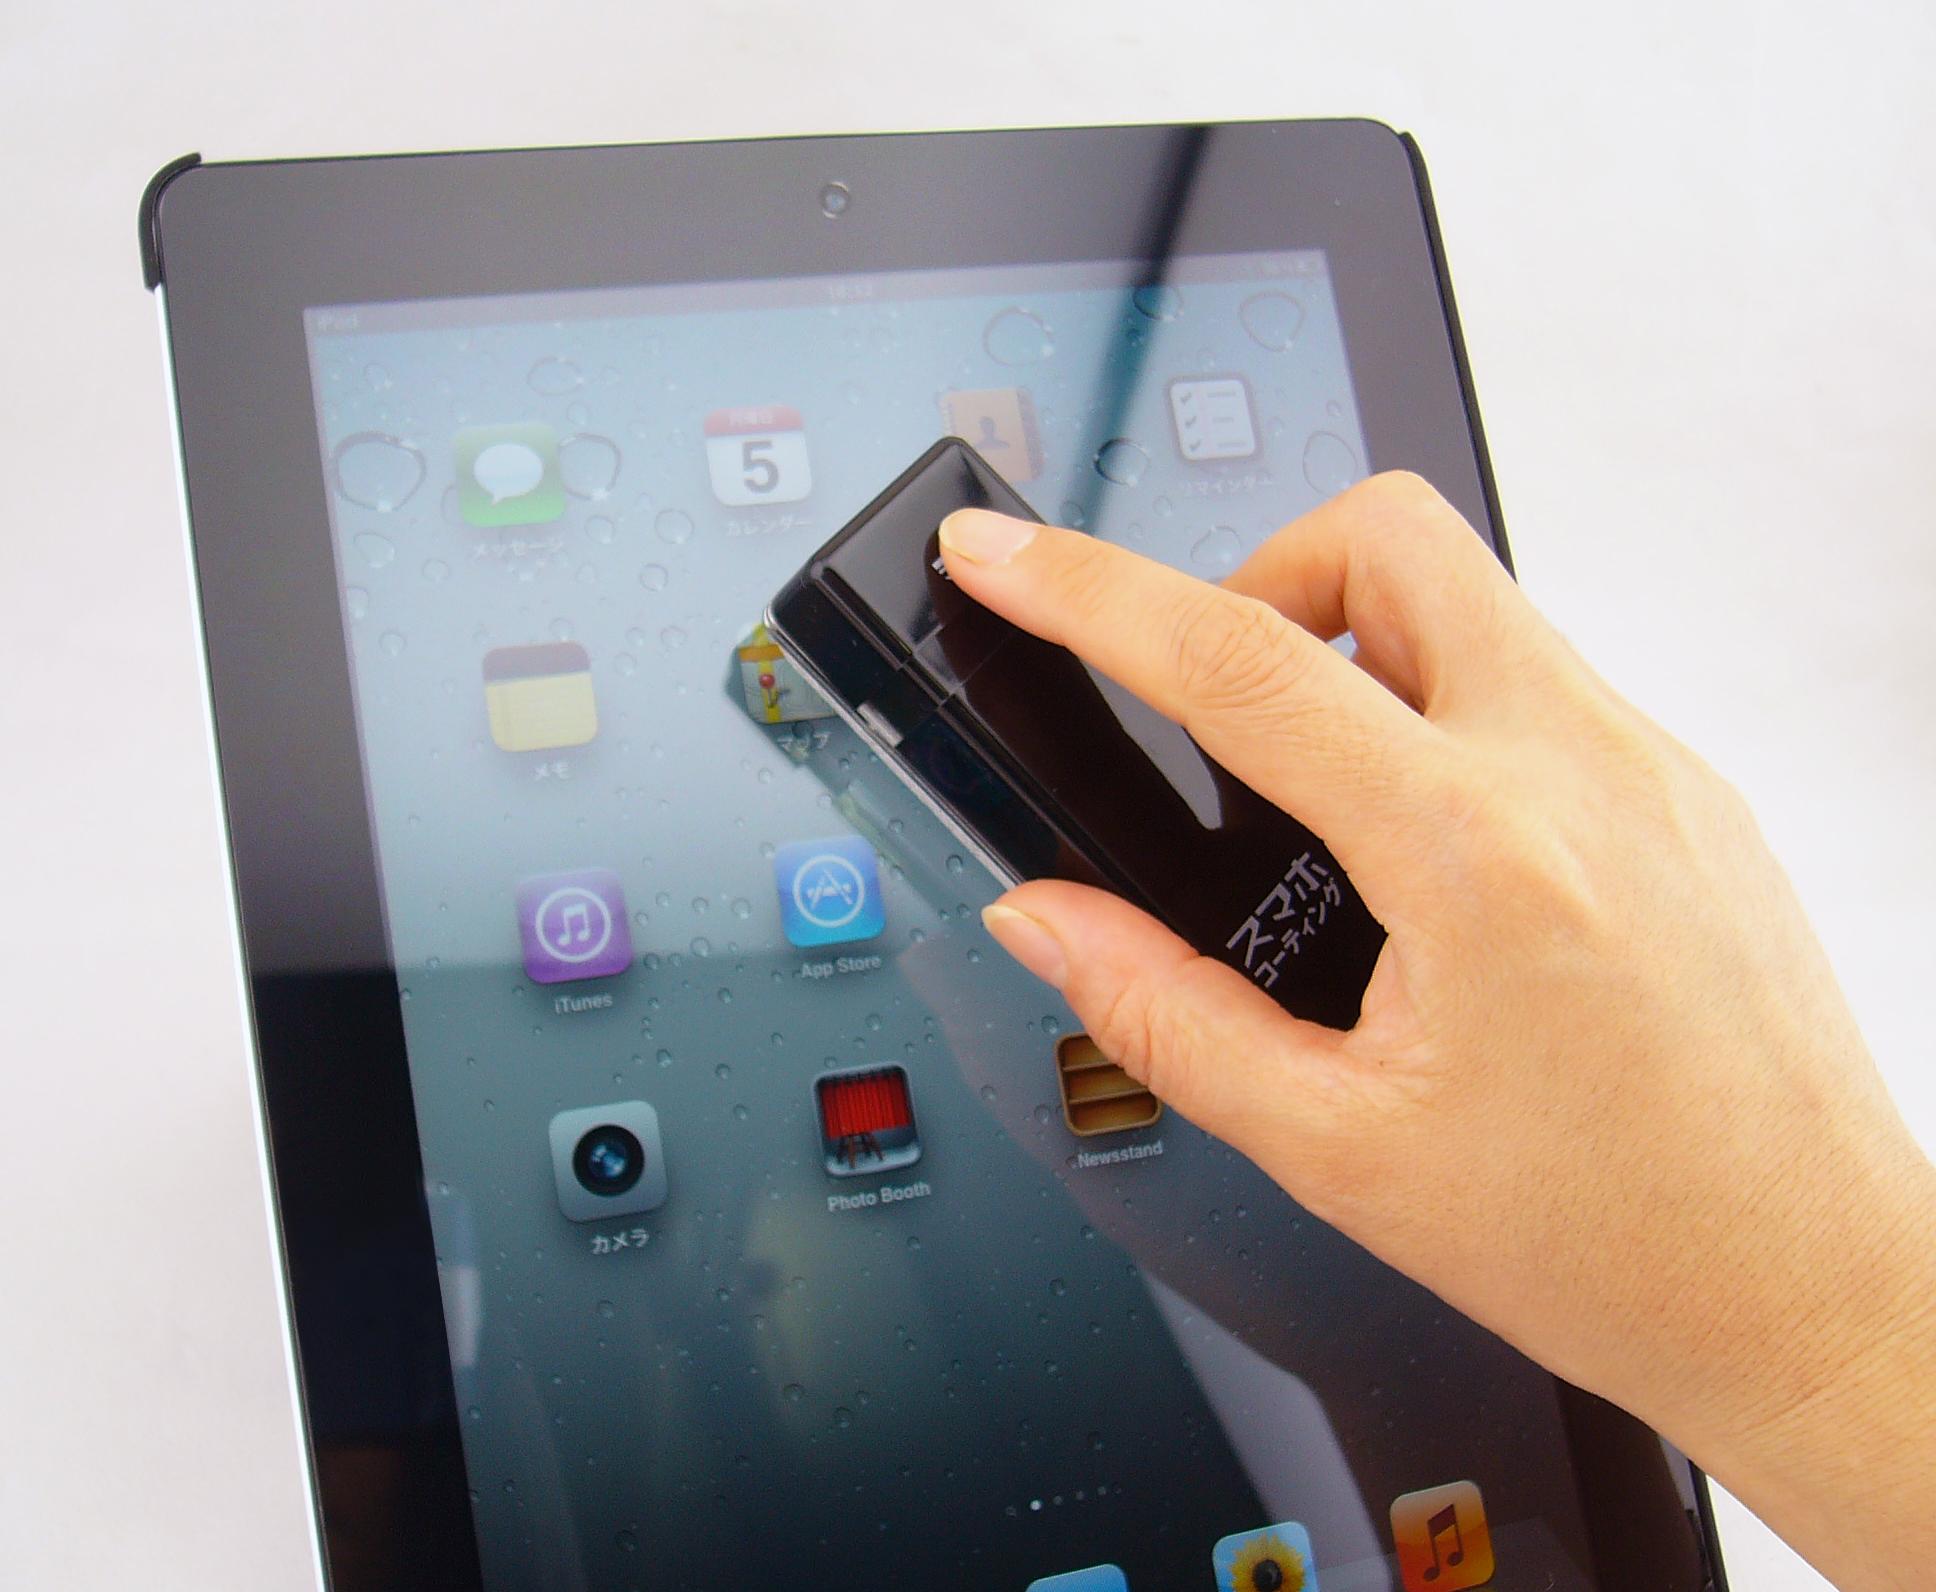 フッ素効果でクリーンな画面が持続!スマホ対応モバイルクリーナー サッと一拭きで「洗浄」+「除菌」+「ツヤ」が持続! 「スマホコーティング」 発売開始!